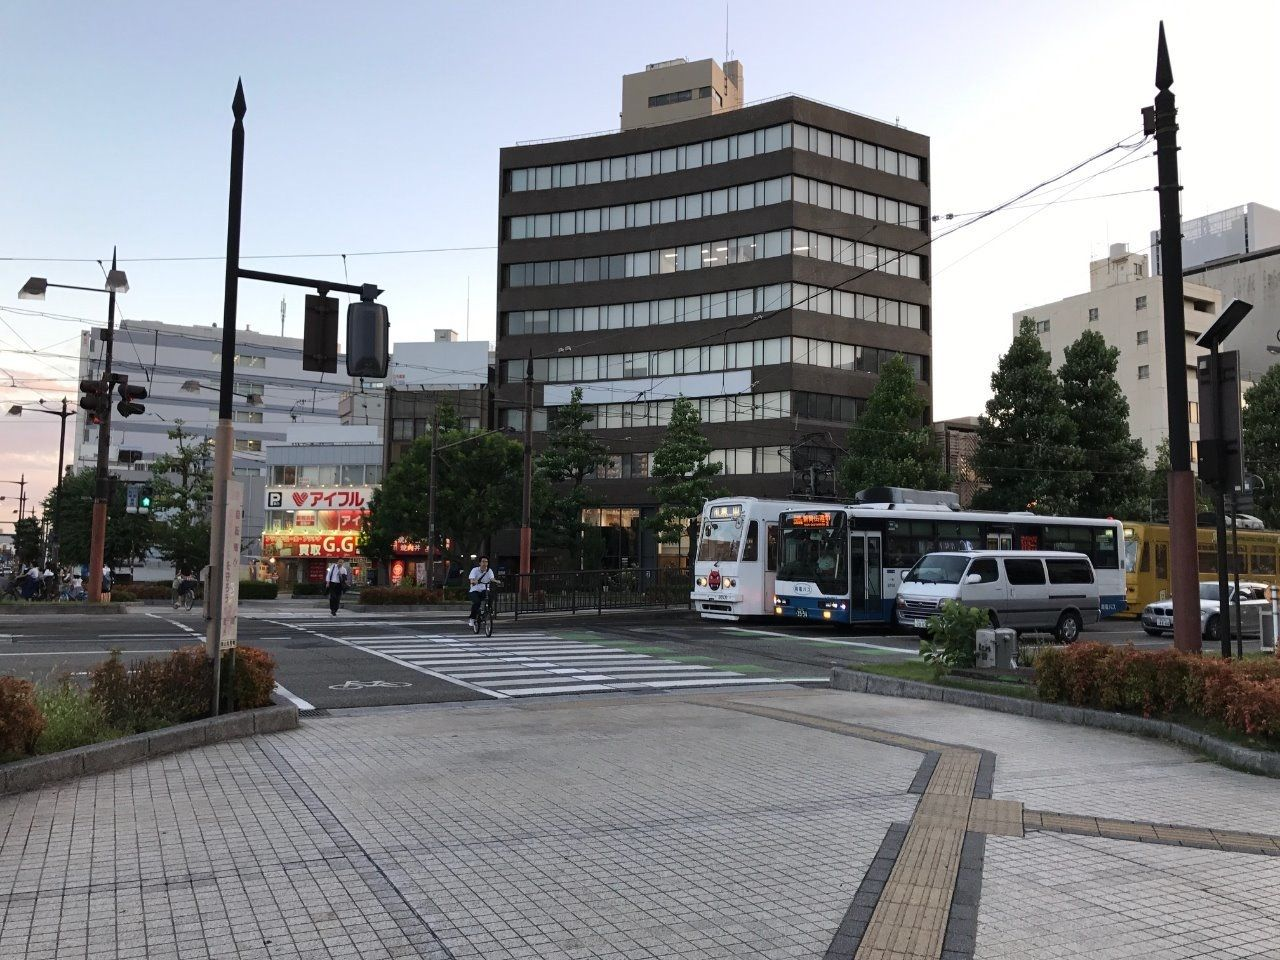 岡山電気軌道 路面電車 東山線・清輝橋線「柳川駅」